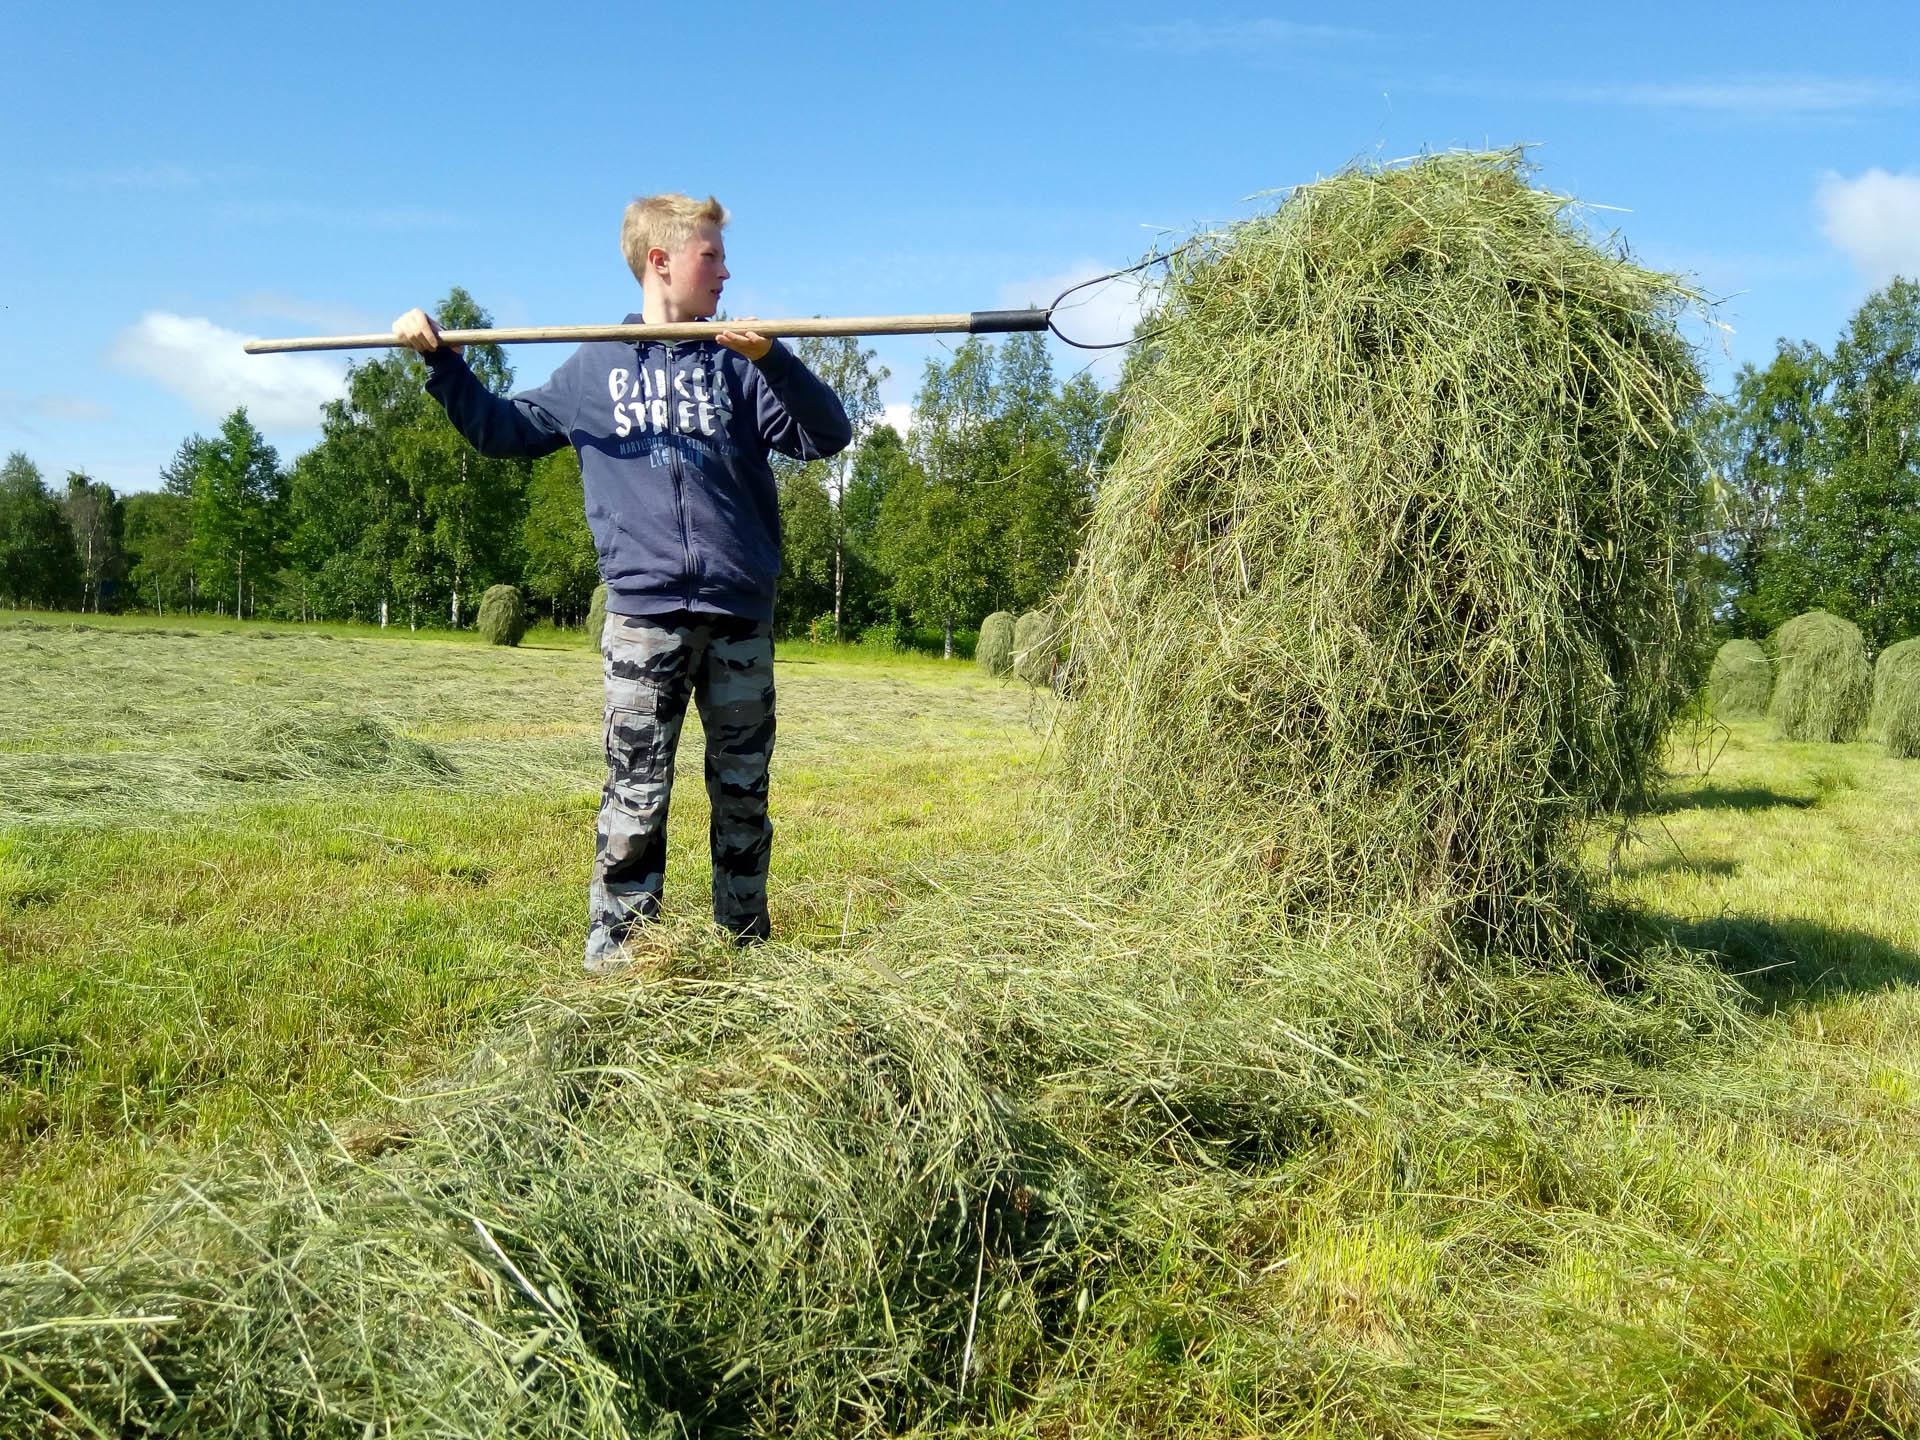 Heinätöihin pääsy voi olla vaikuttava elämys myös suomalaiselle nuorelle